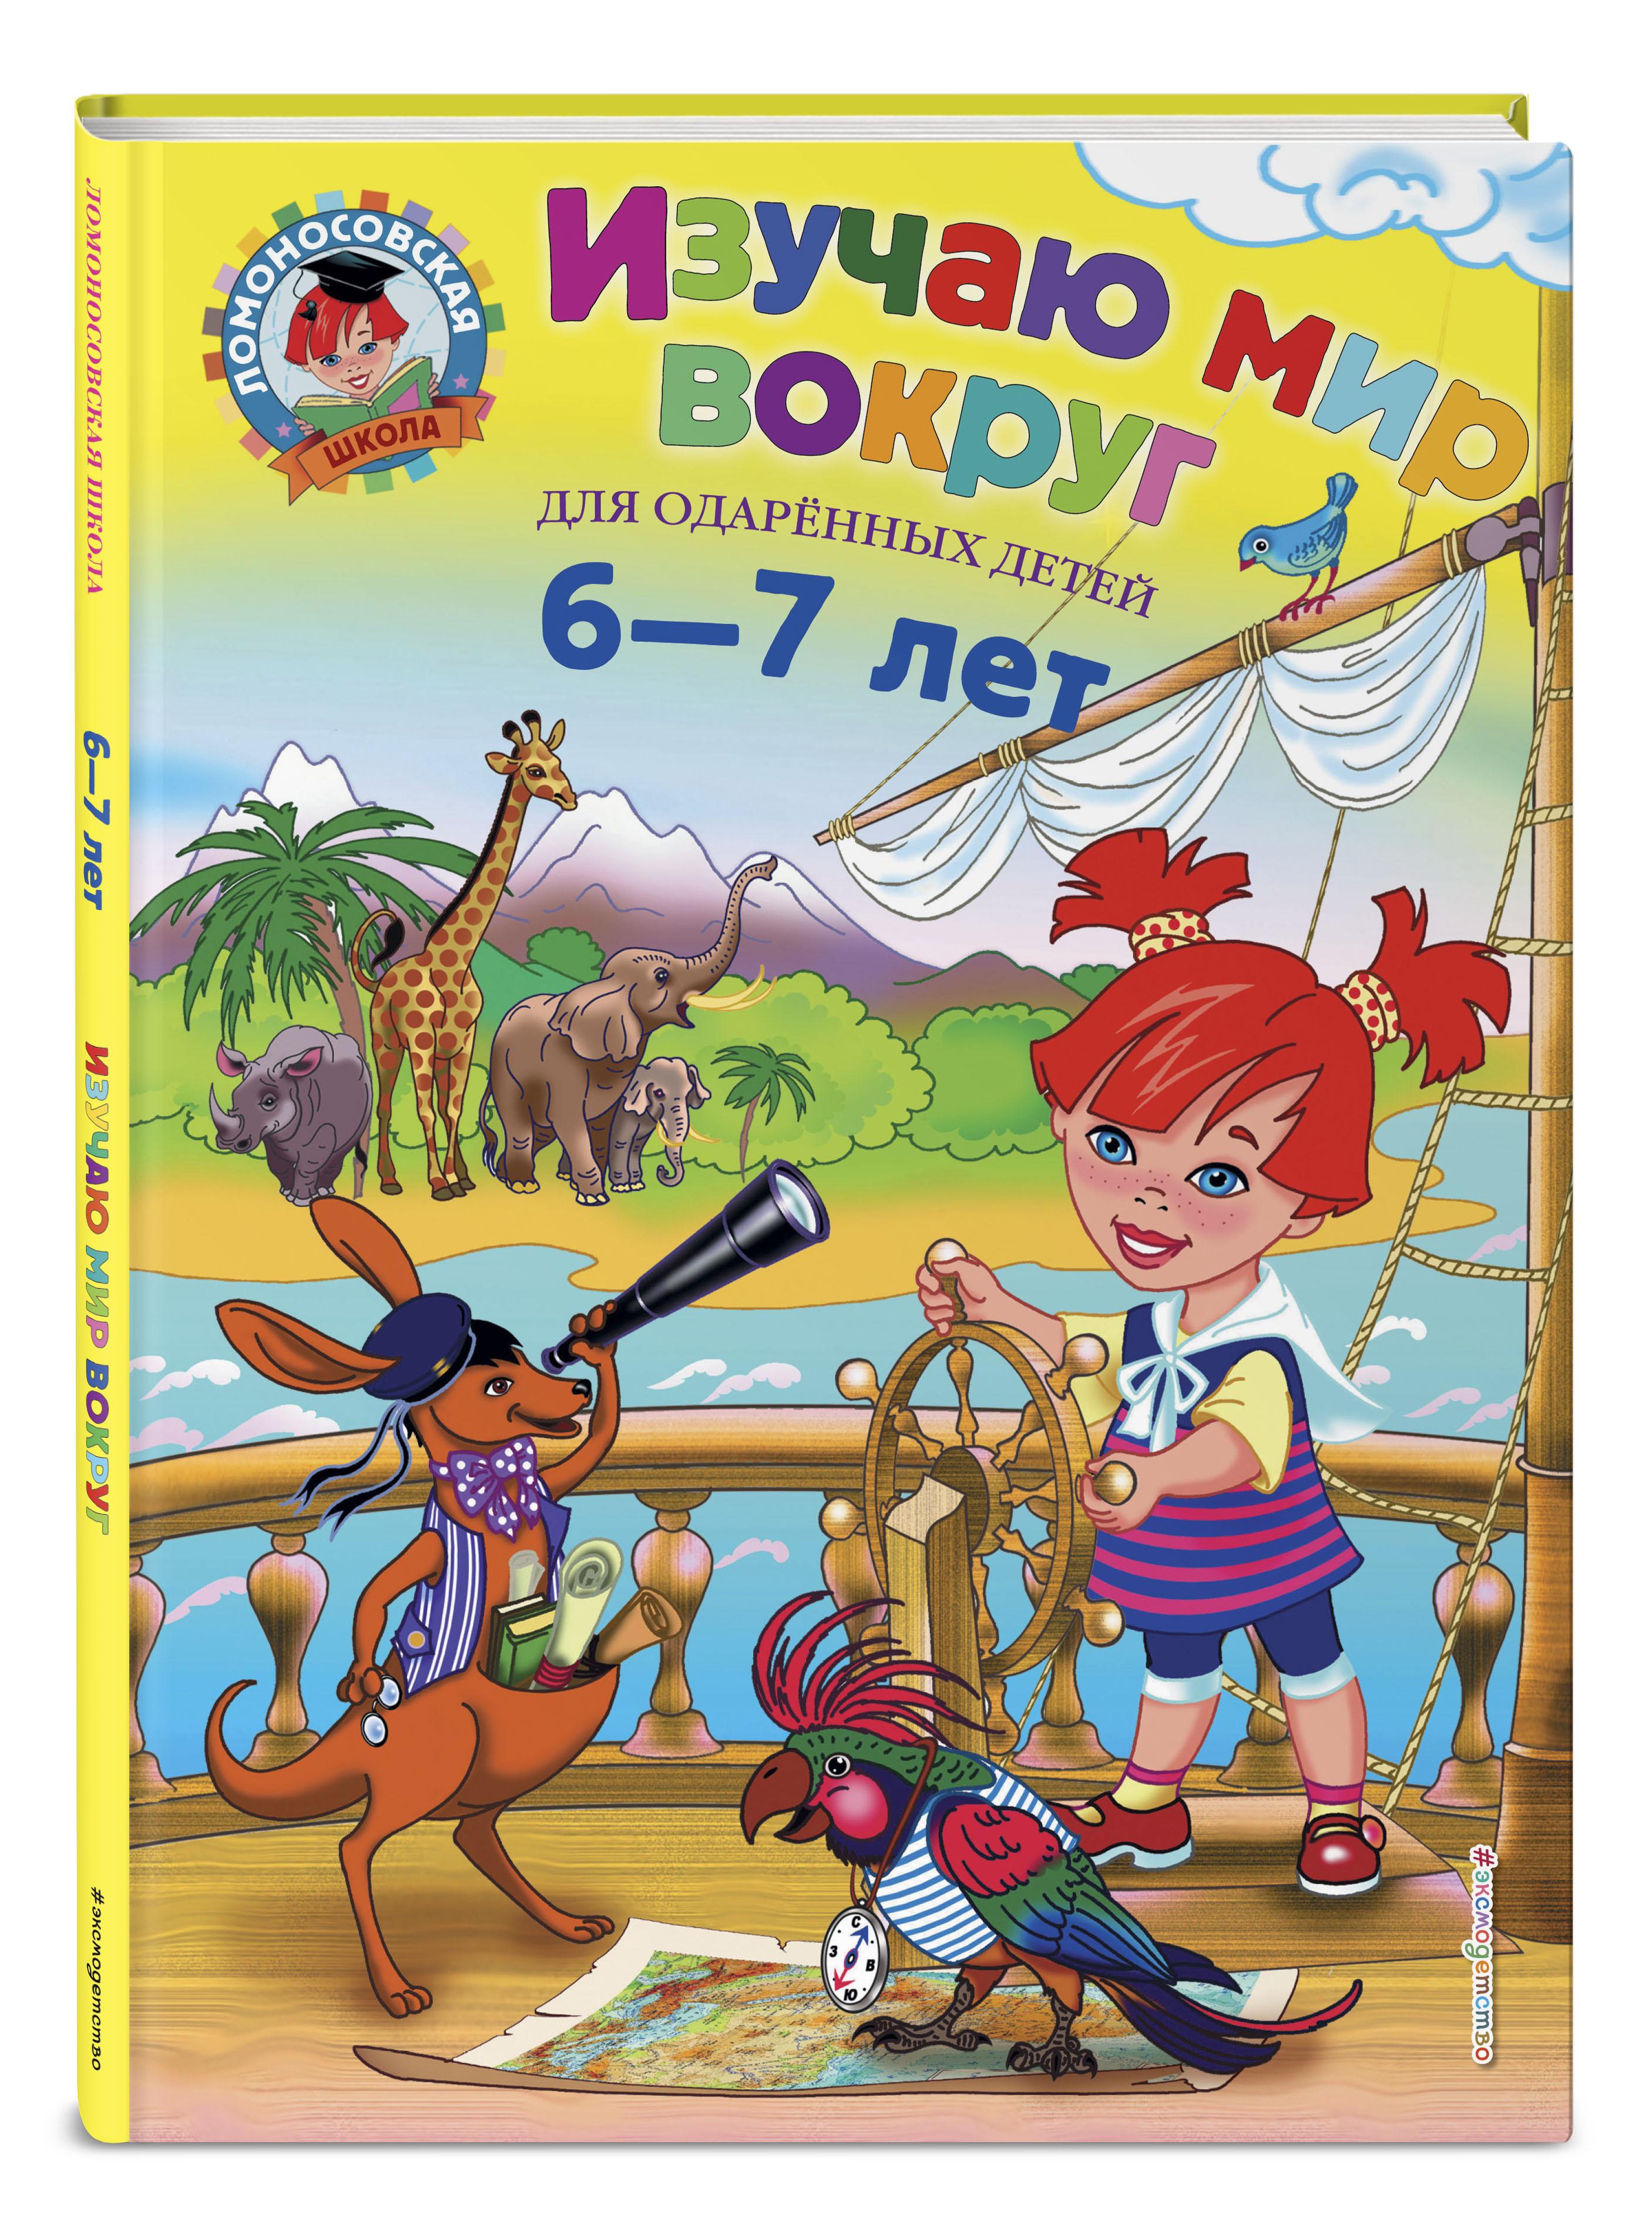 Липская Н.М. Изучаю мир вокруг: для детей 6-7 лет книги эксмо изучаю мир вокруг для детей 6 7 лет page 9